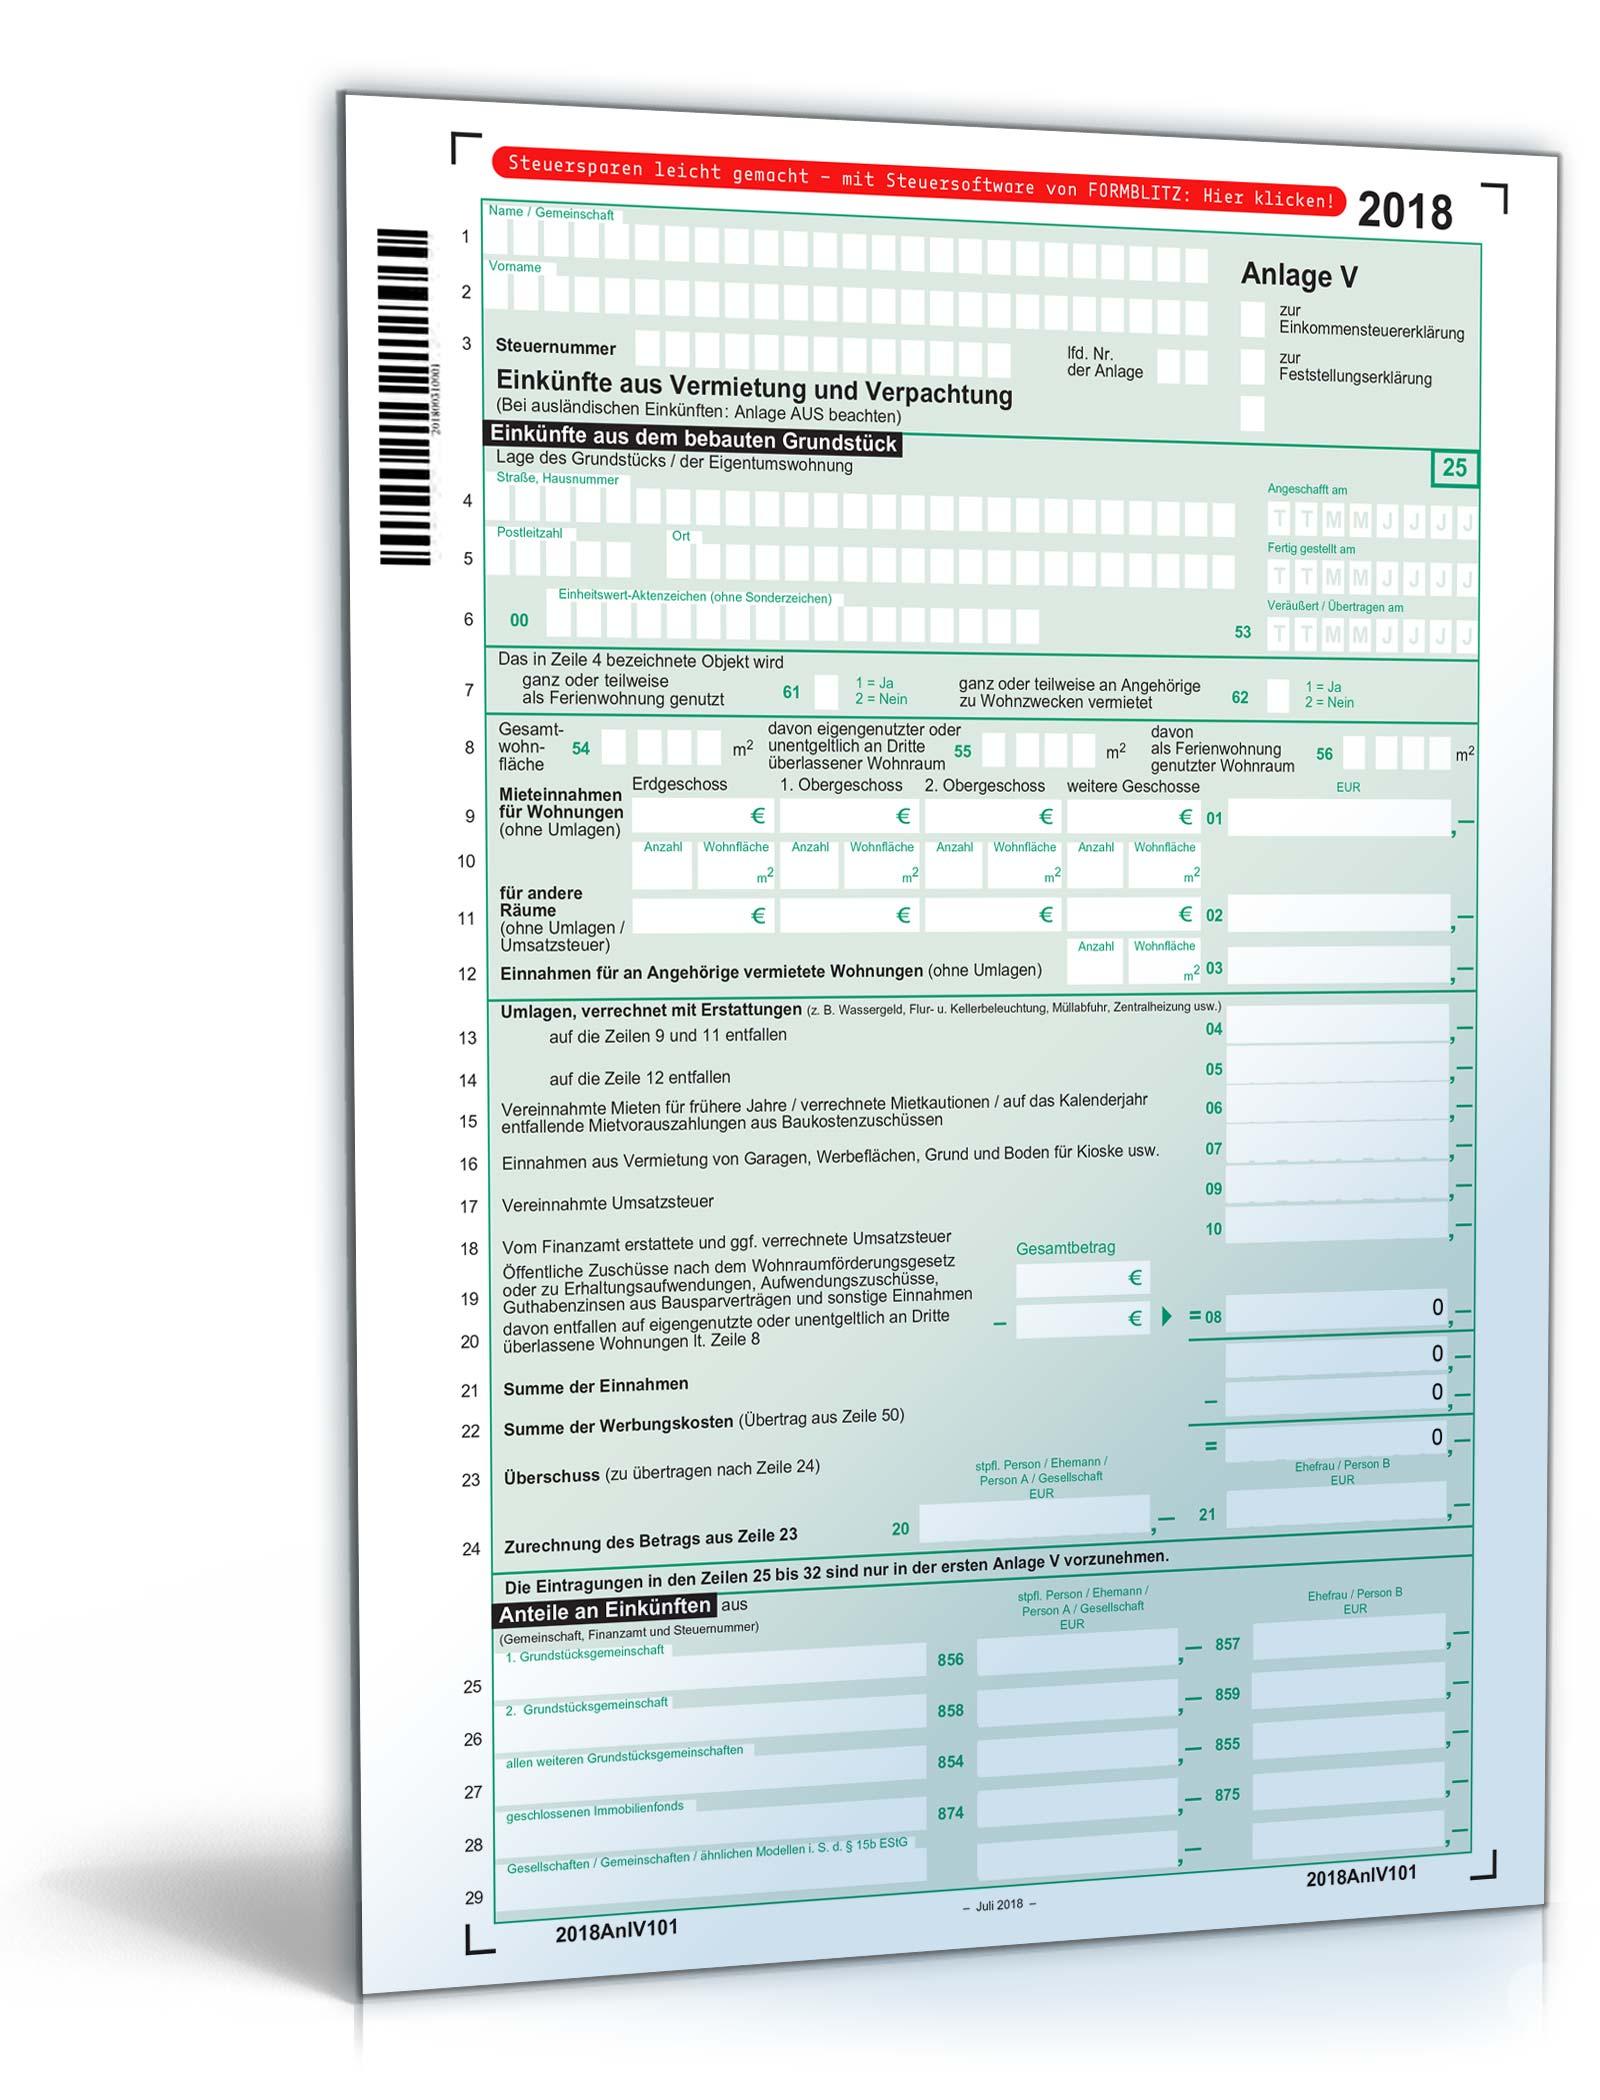 Anlage V 2018 Steuerformular Zum Download